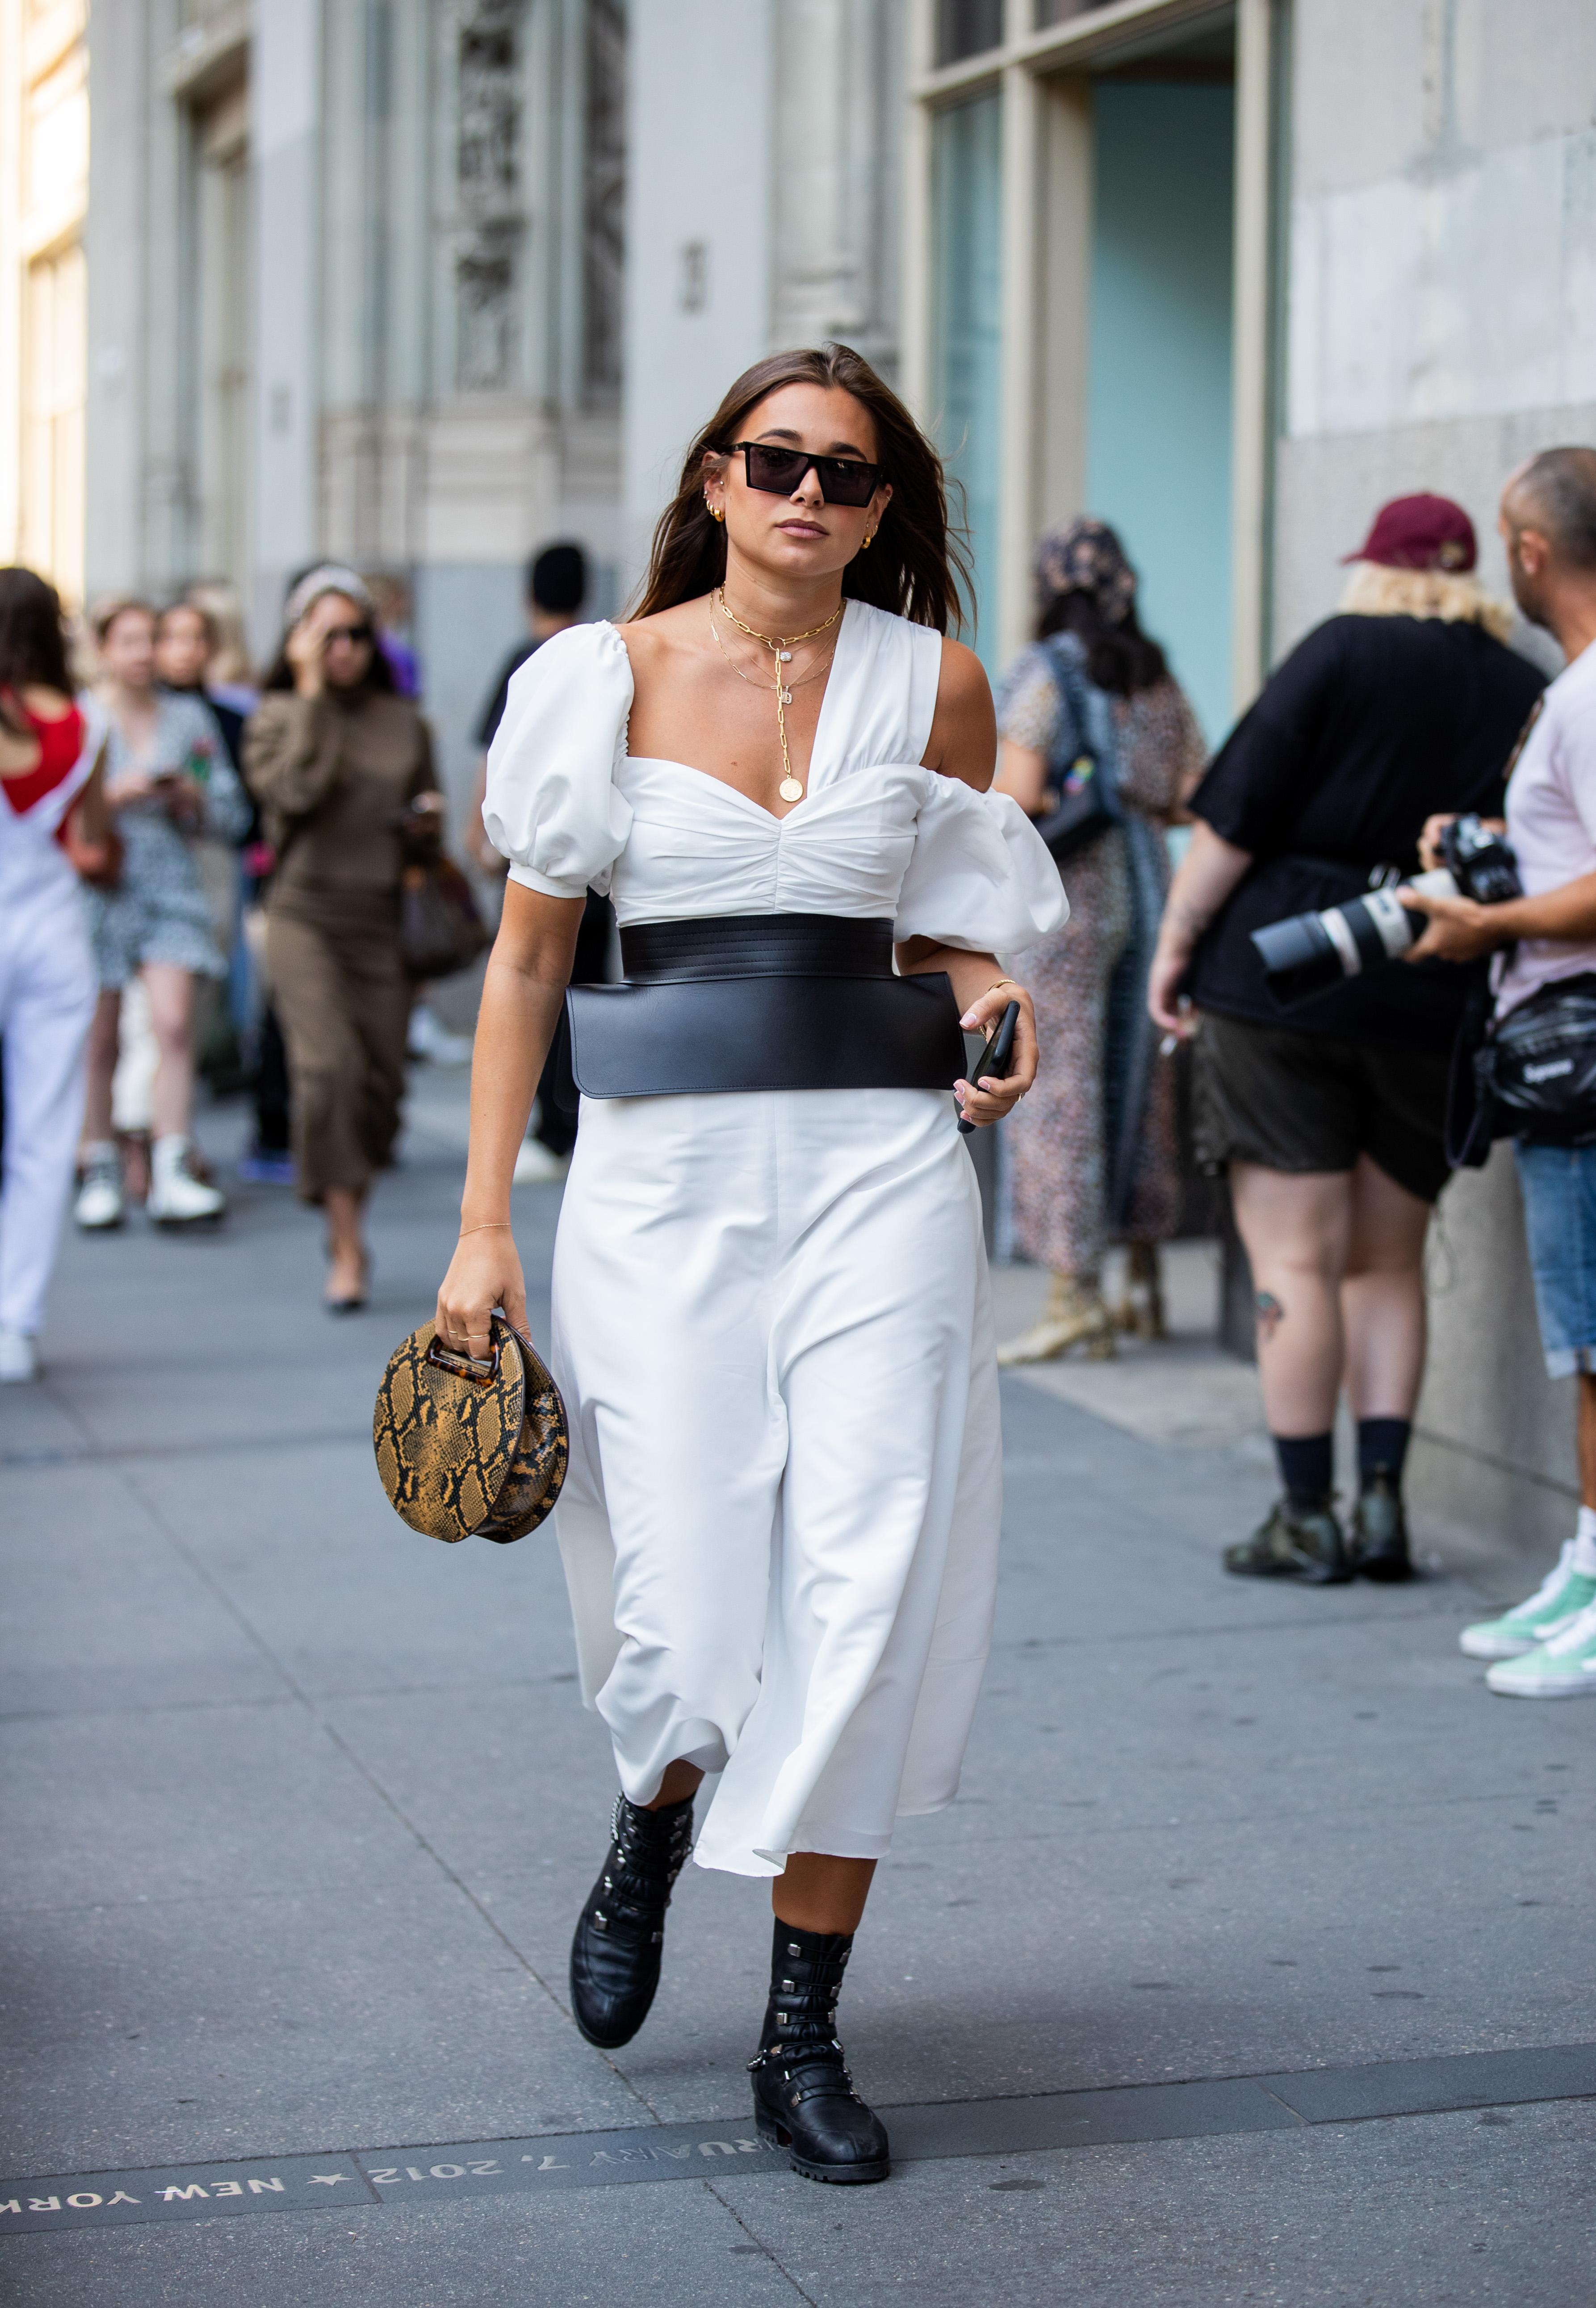 ワンショル、オフショル…と、ショルダー周りのデザインが特徴的なドレスは、パキッとモノトーンスタイルに。ユニークなデザインのベルトをインしてモードさを演出して。アニマル柄がアクセントに。